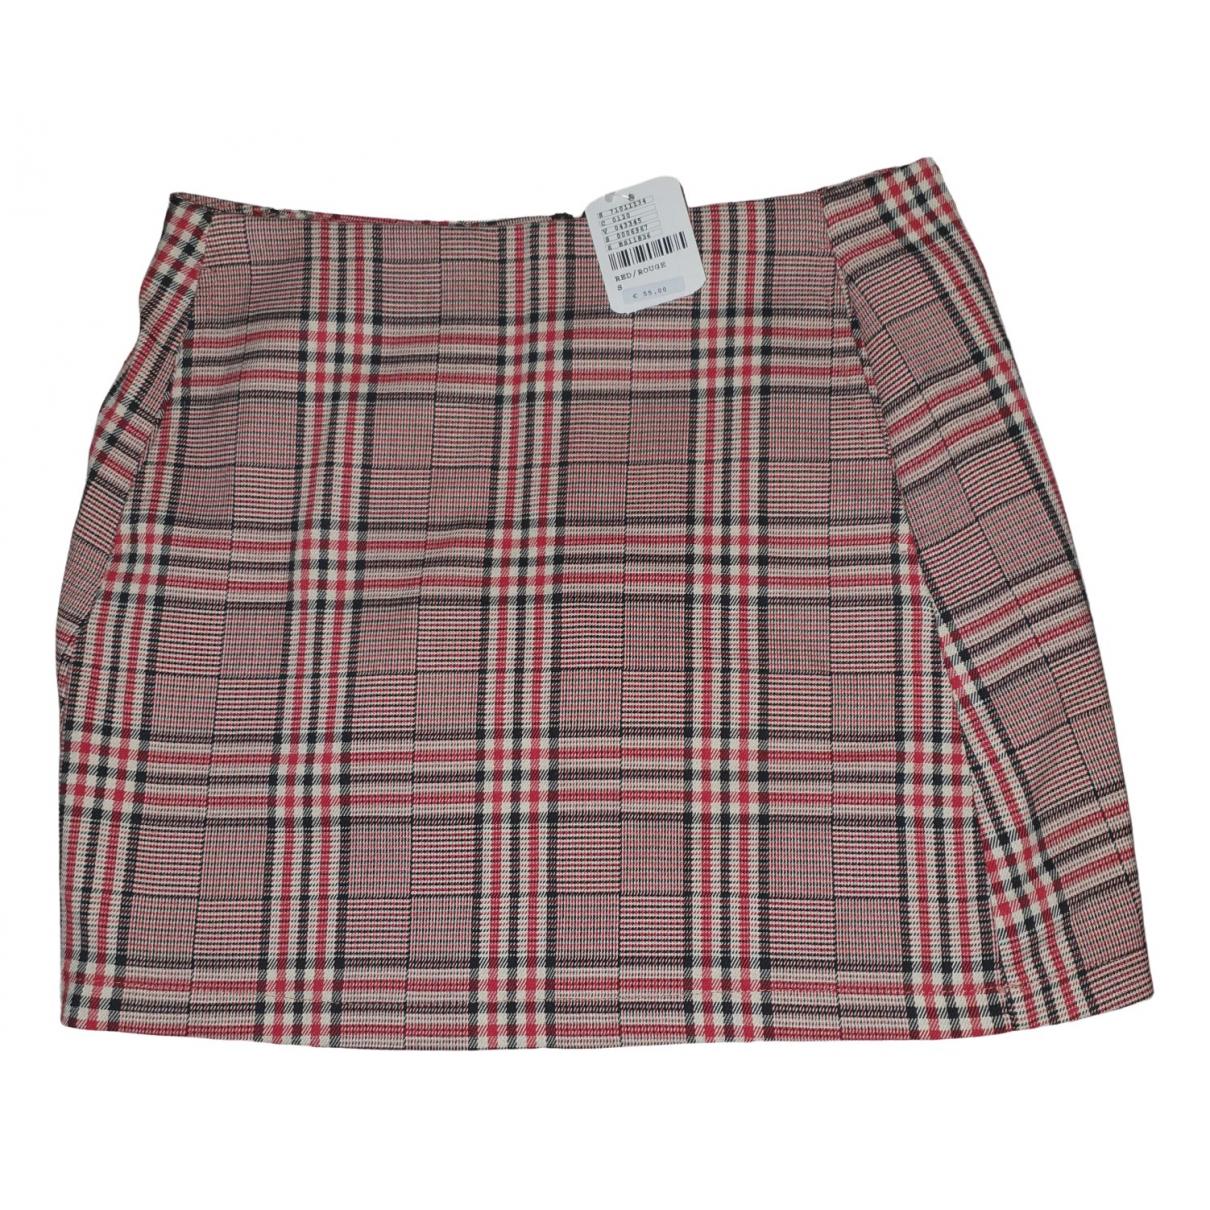 Mini falda Urban Outfitters